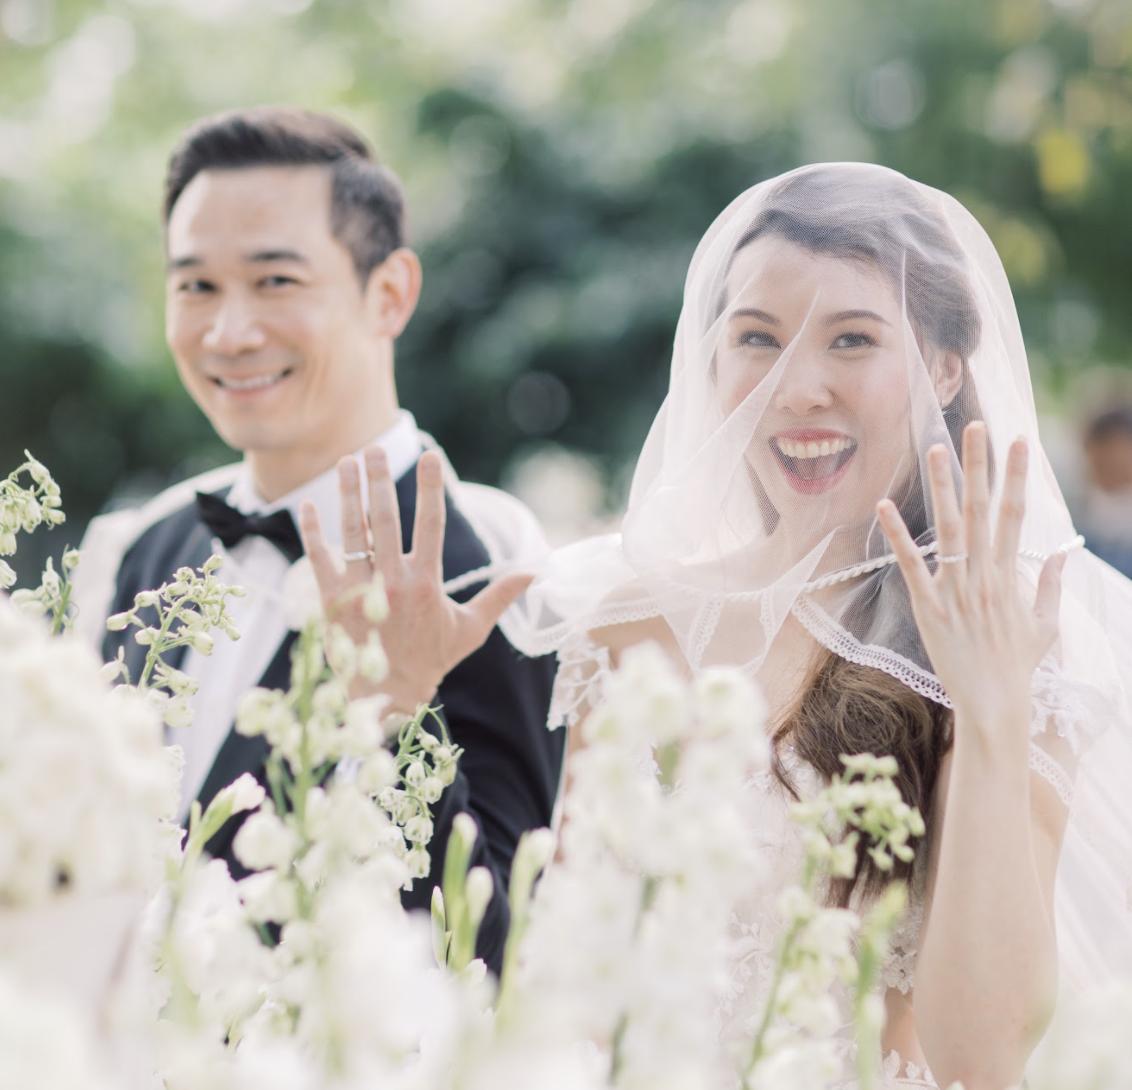 Sourires de joie et de bonheur conjugal